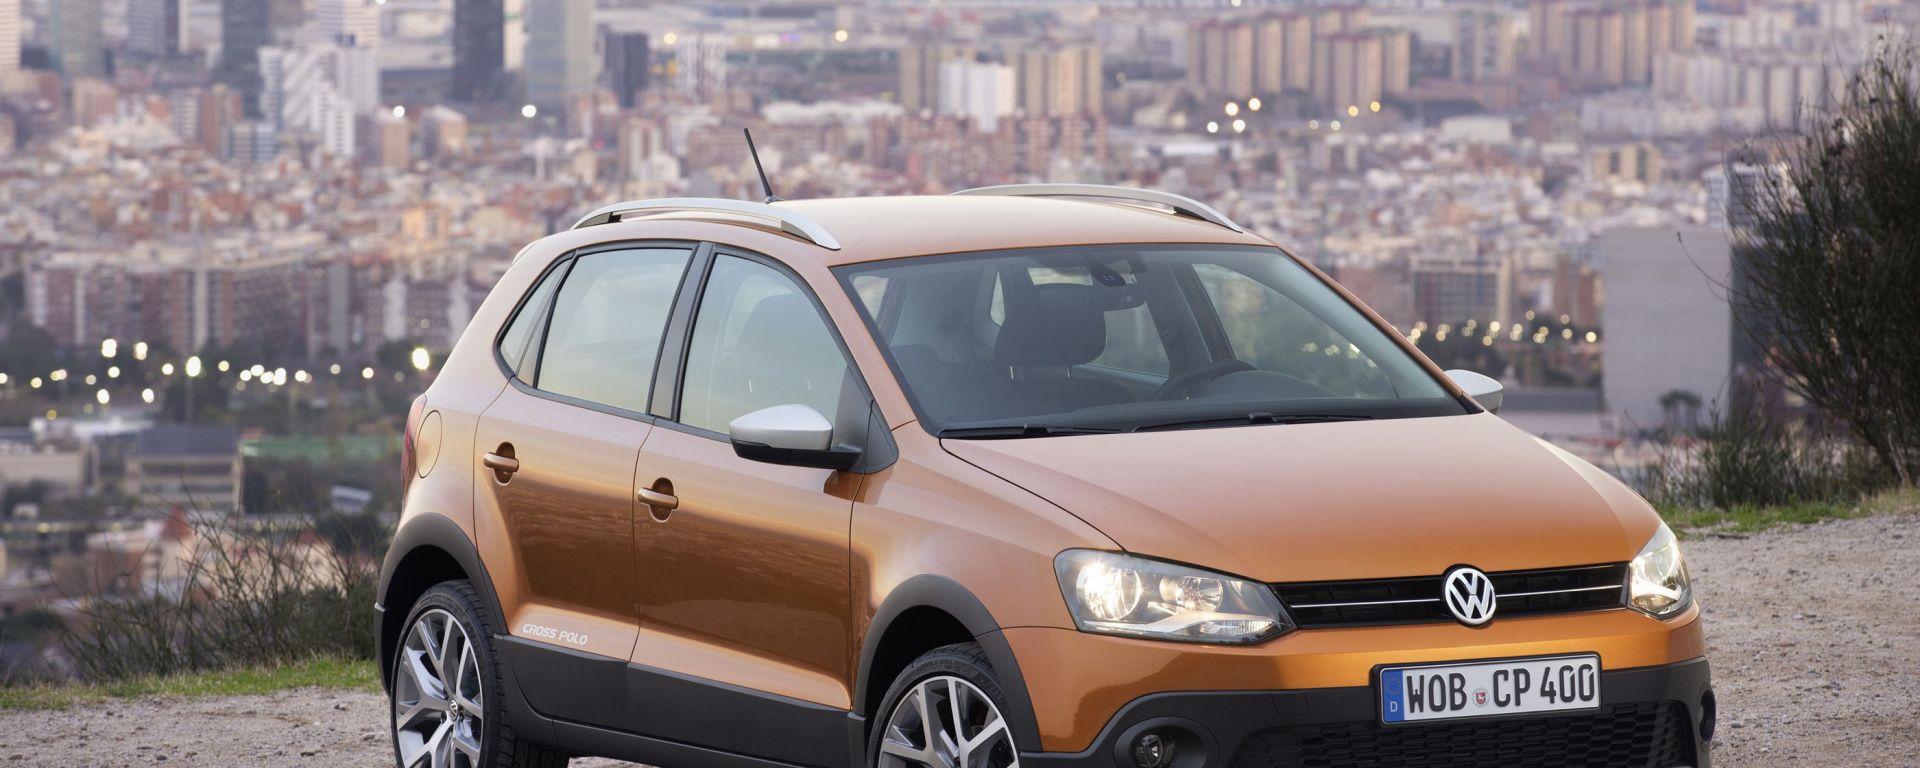 Volkswagen CrossPolo 2014